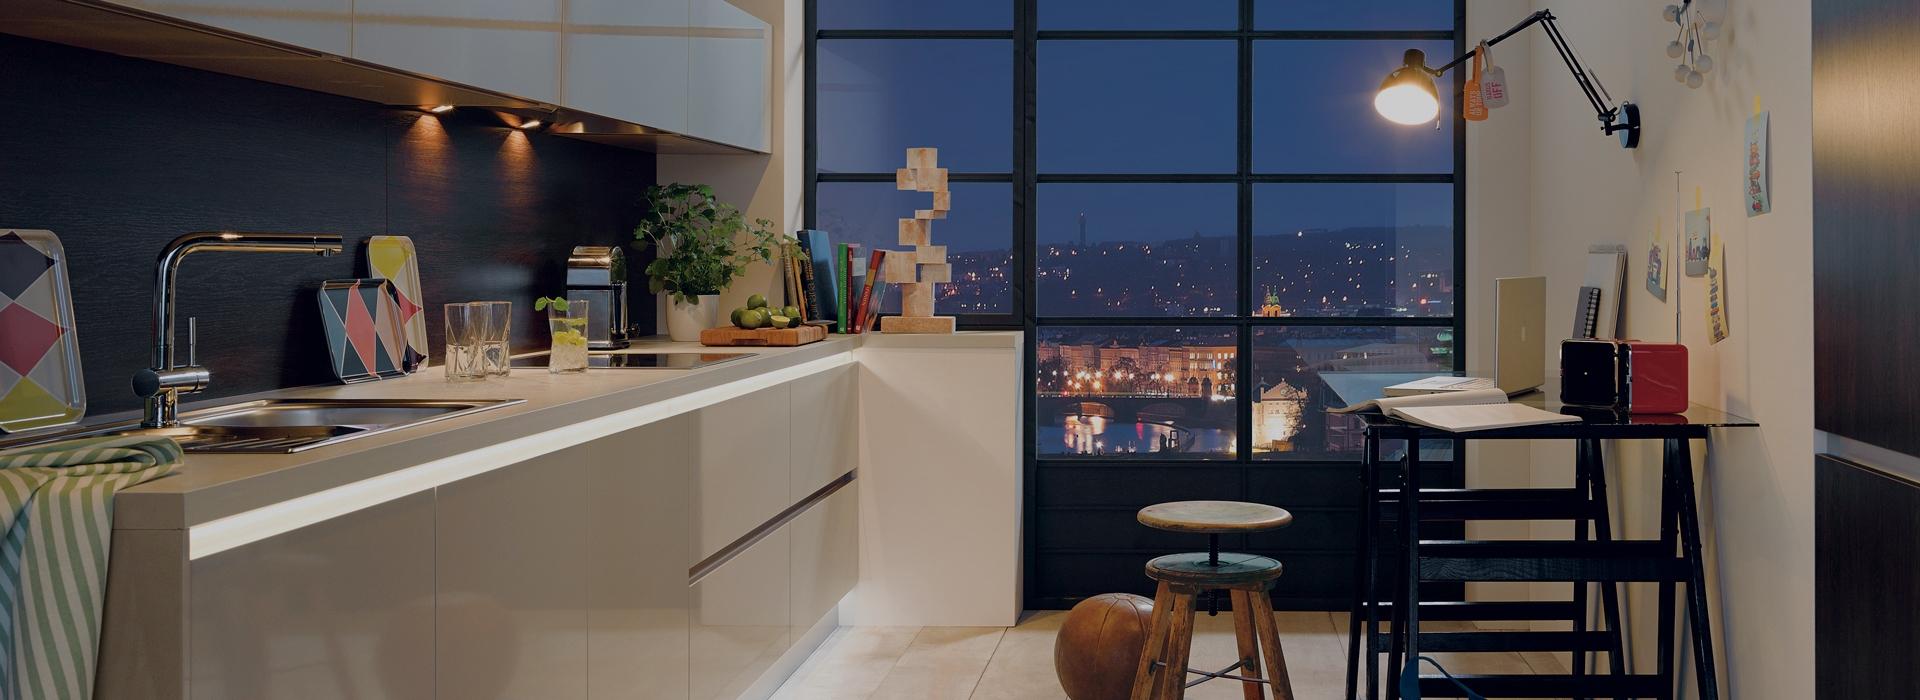 Eclairage sous meuble haut cuisine kit de 2 spots led Applique eclairage meuble cuisine ikea